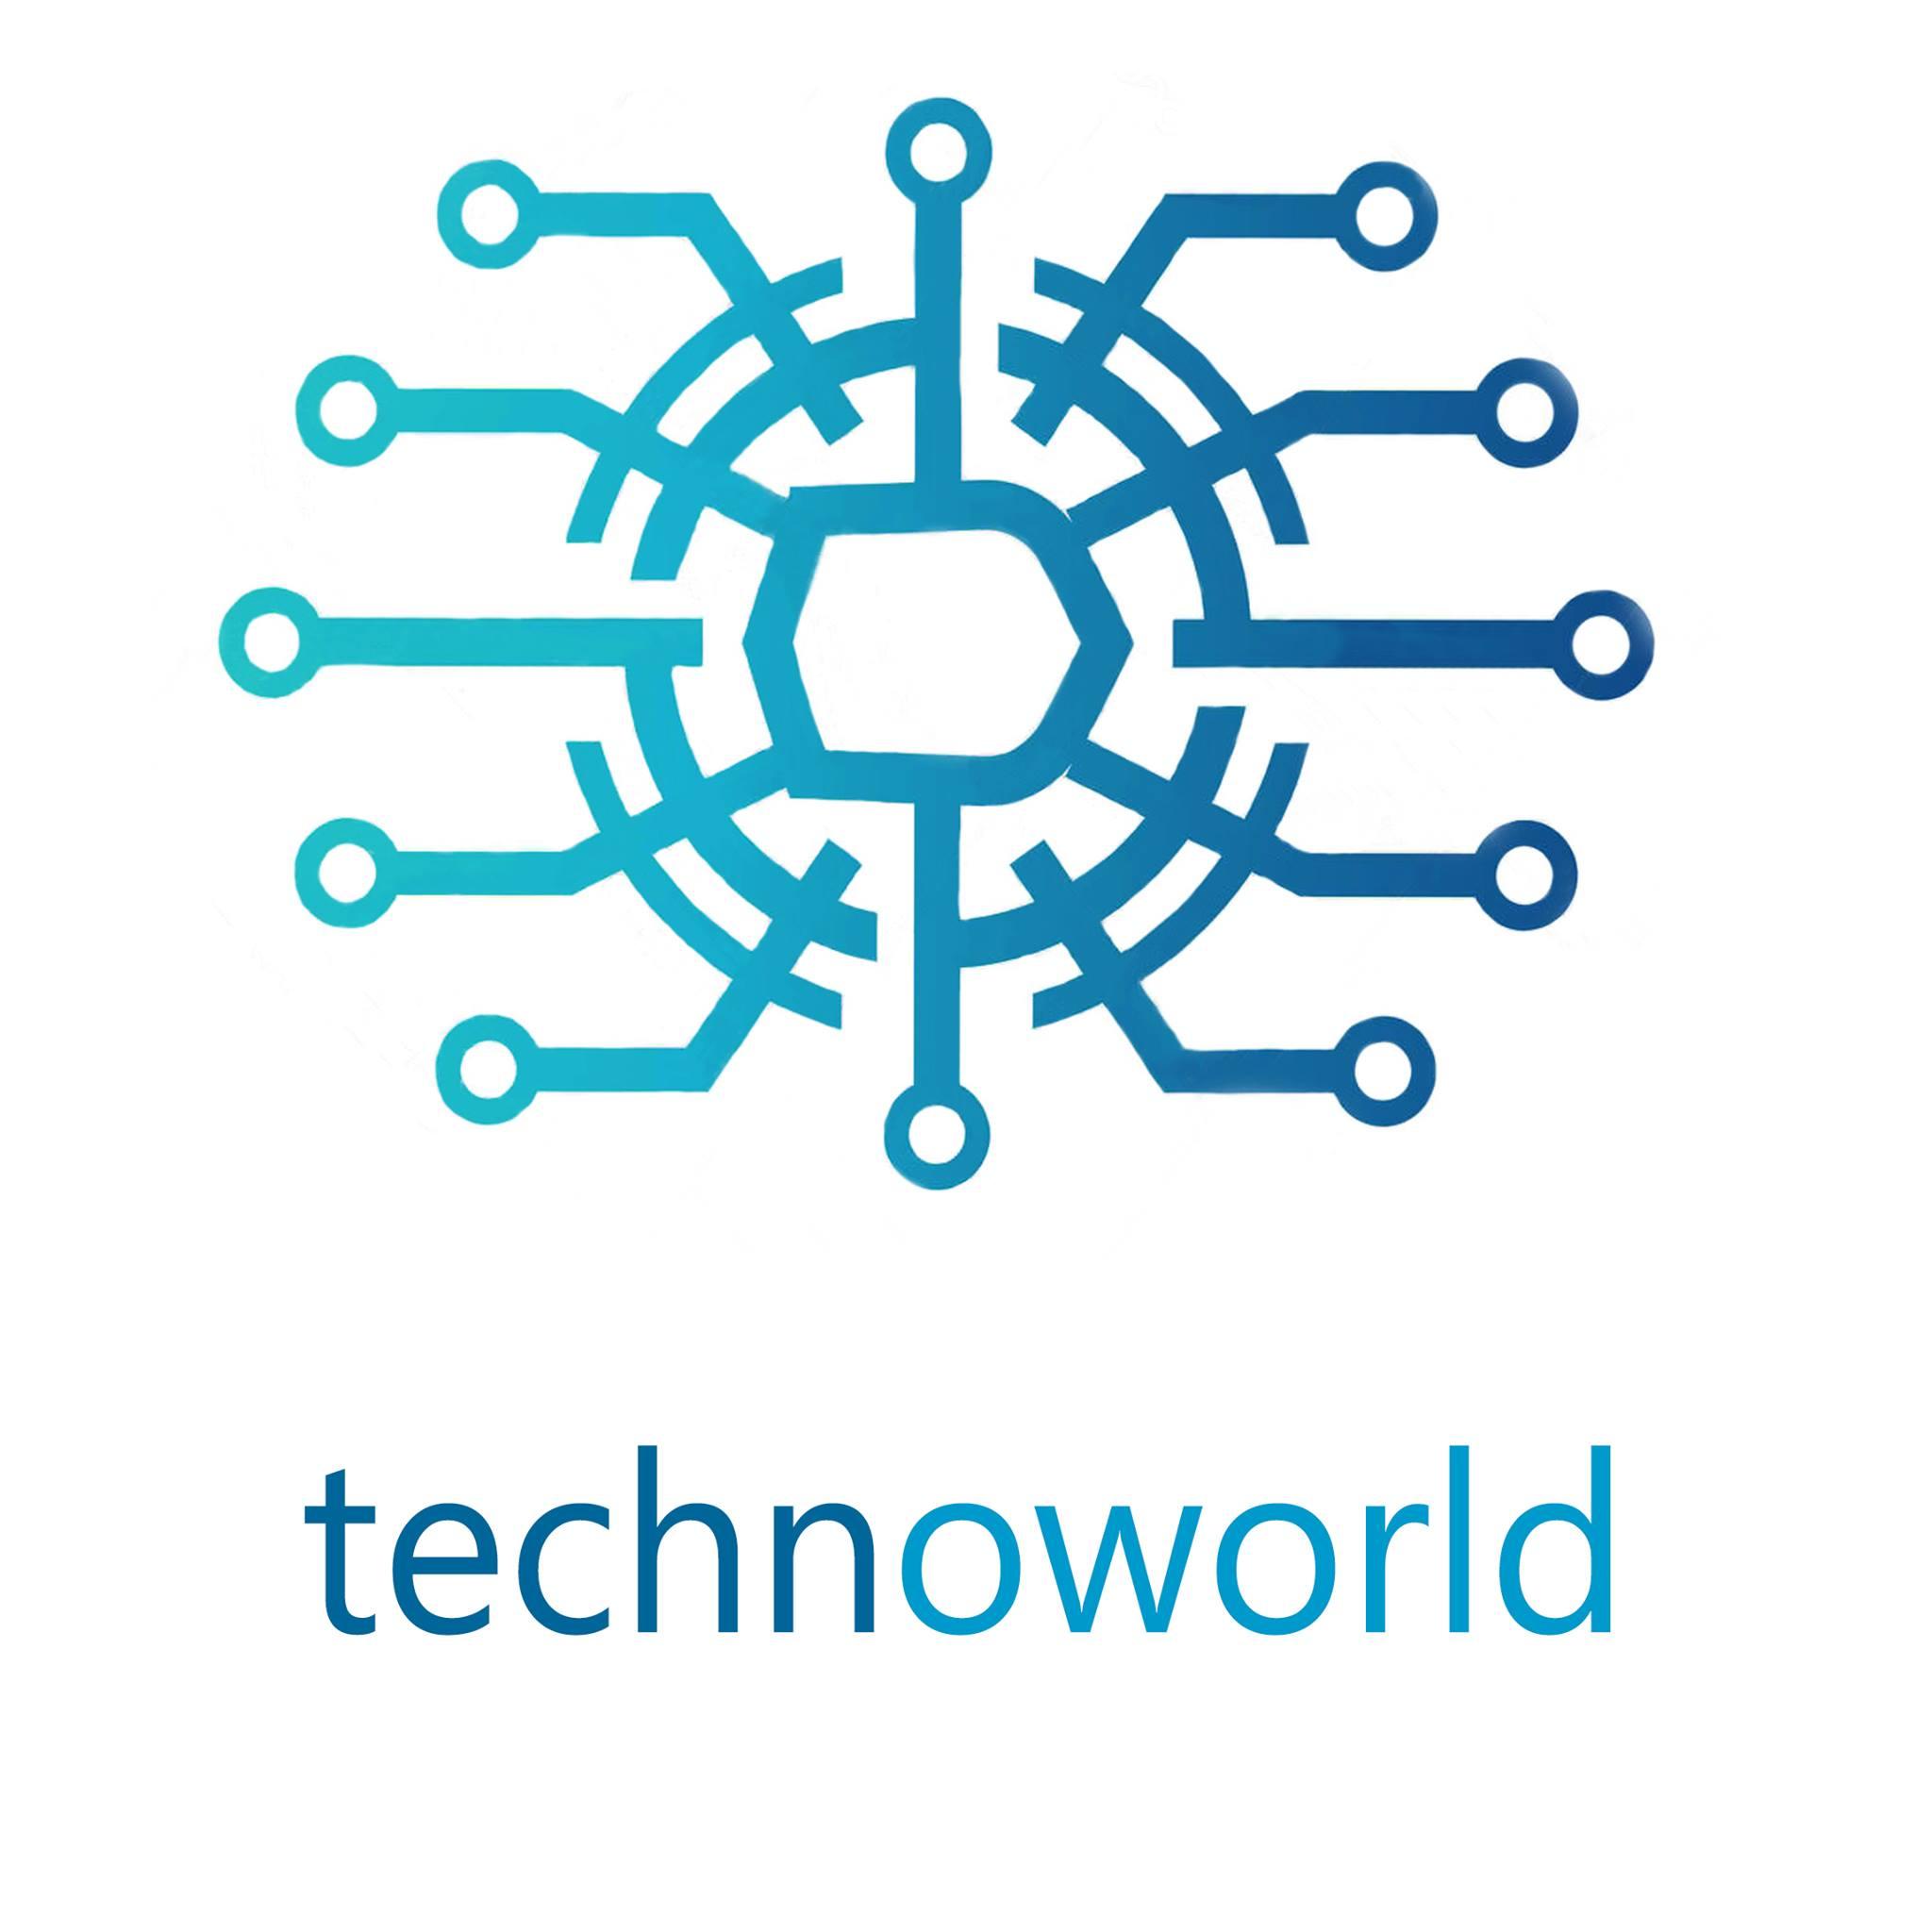 TechnoWorld/Տեխնոաշխարհ / #1 ․ Դավիթ Բաբայան